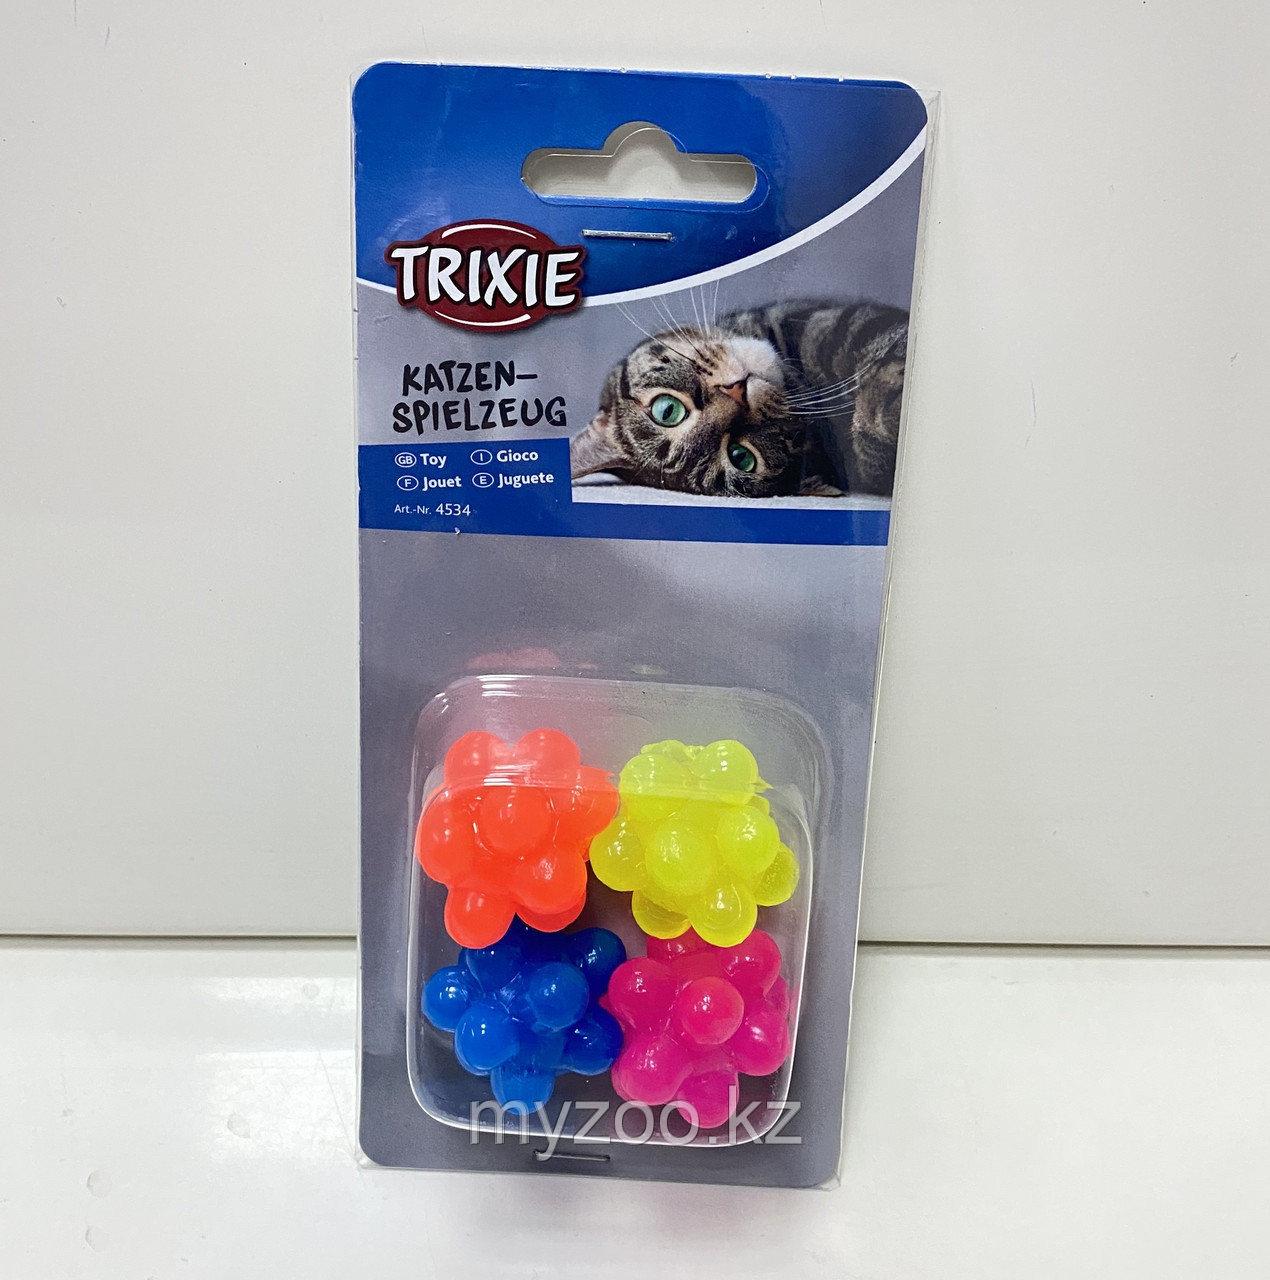 Мячики резиновые для игры с кошками. Упаковка блистер. Диам 3,5 см. Цена за 4 шт